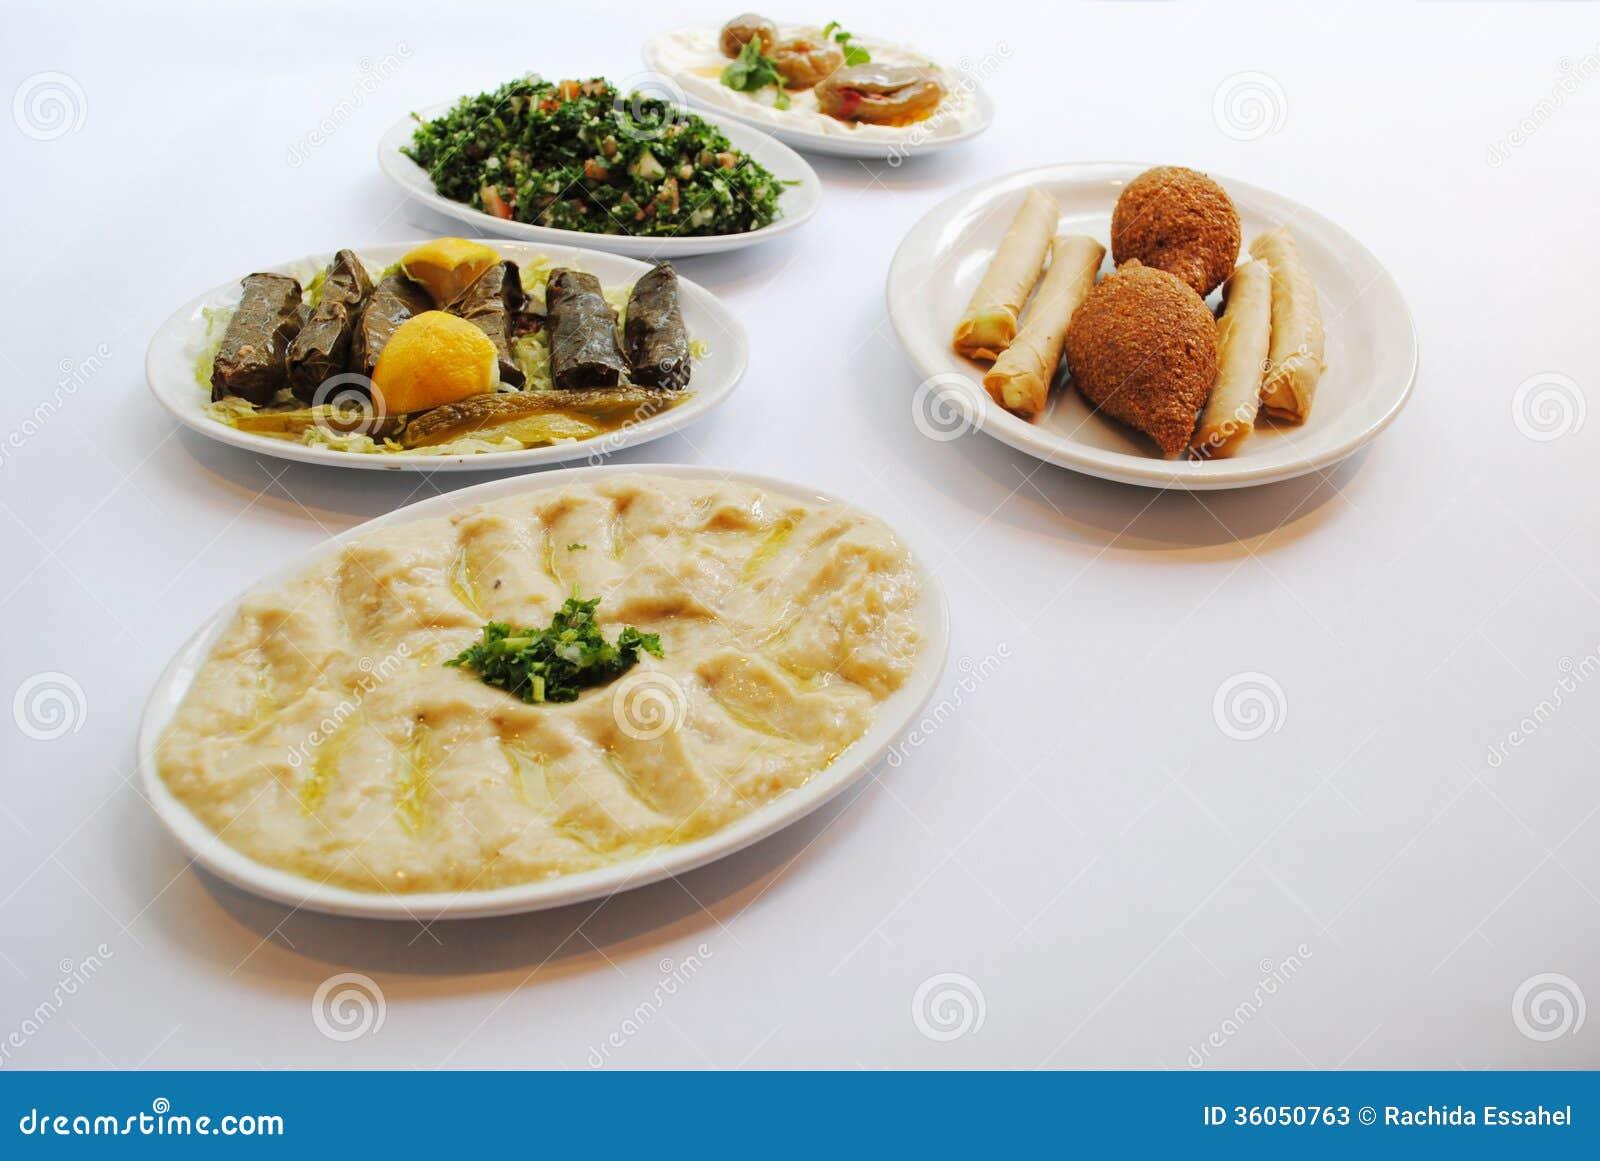 Nourriture libanaise